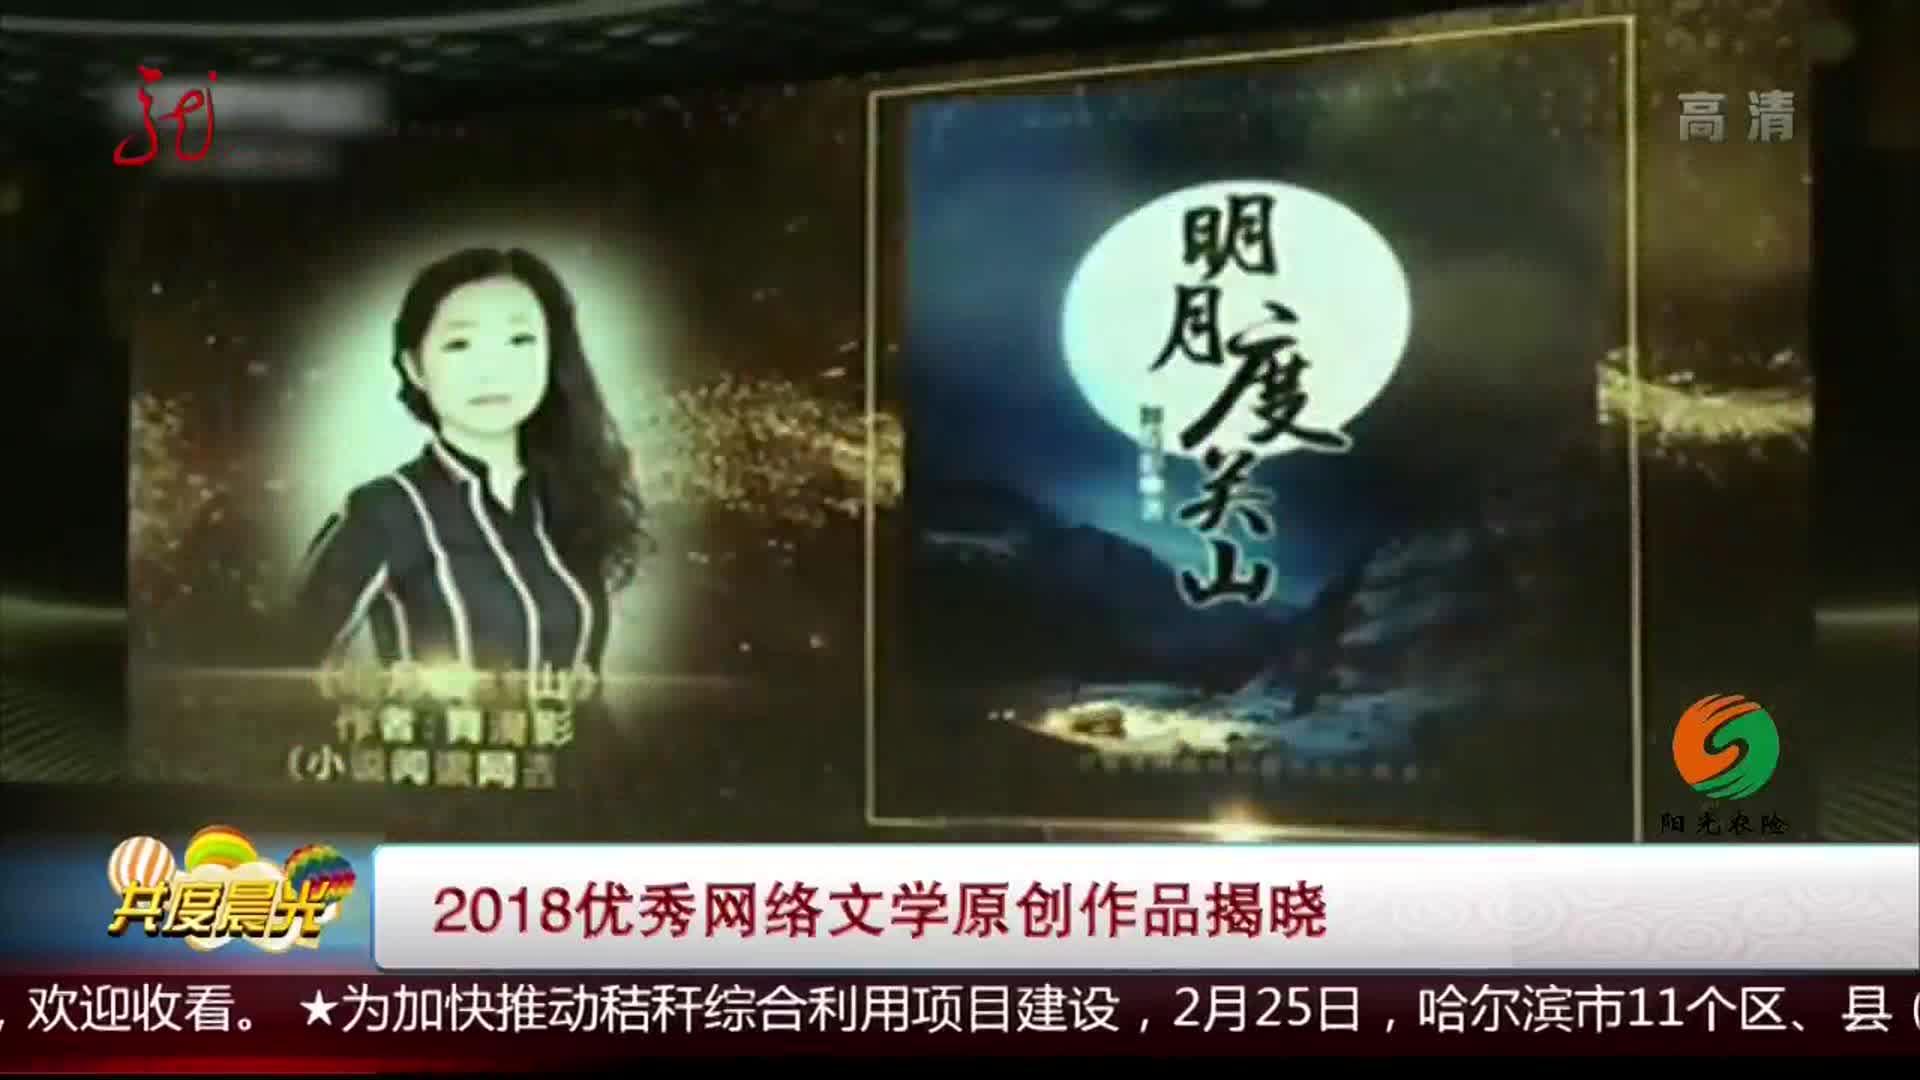 [视频]2018优秀网络文学原创作品揭晓